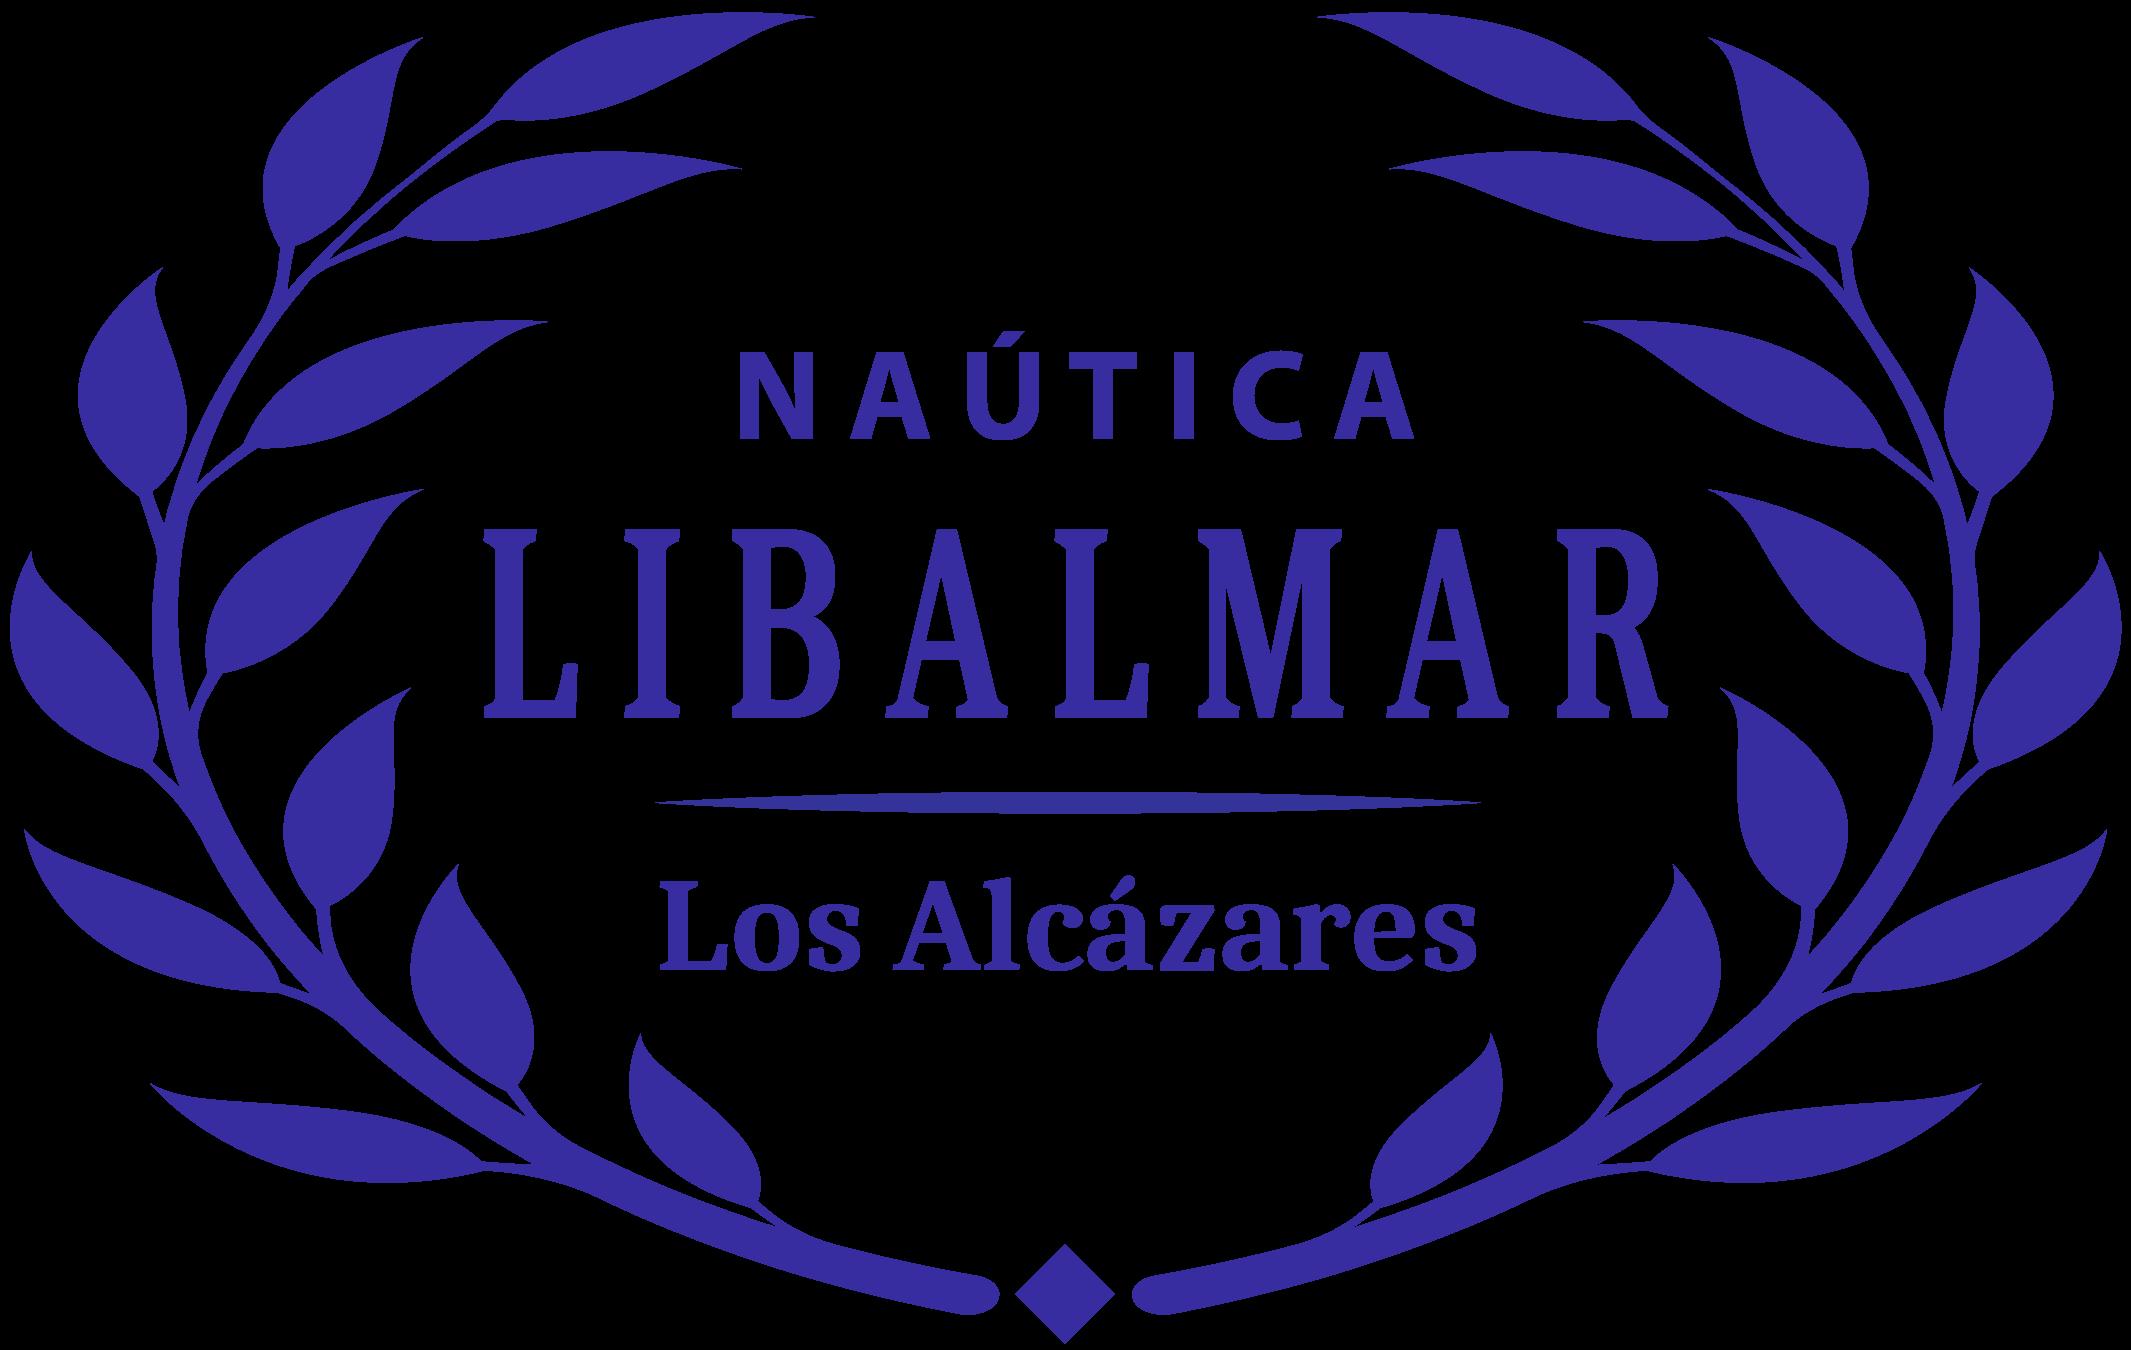 Náutica Libalmar